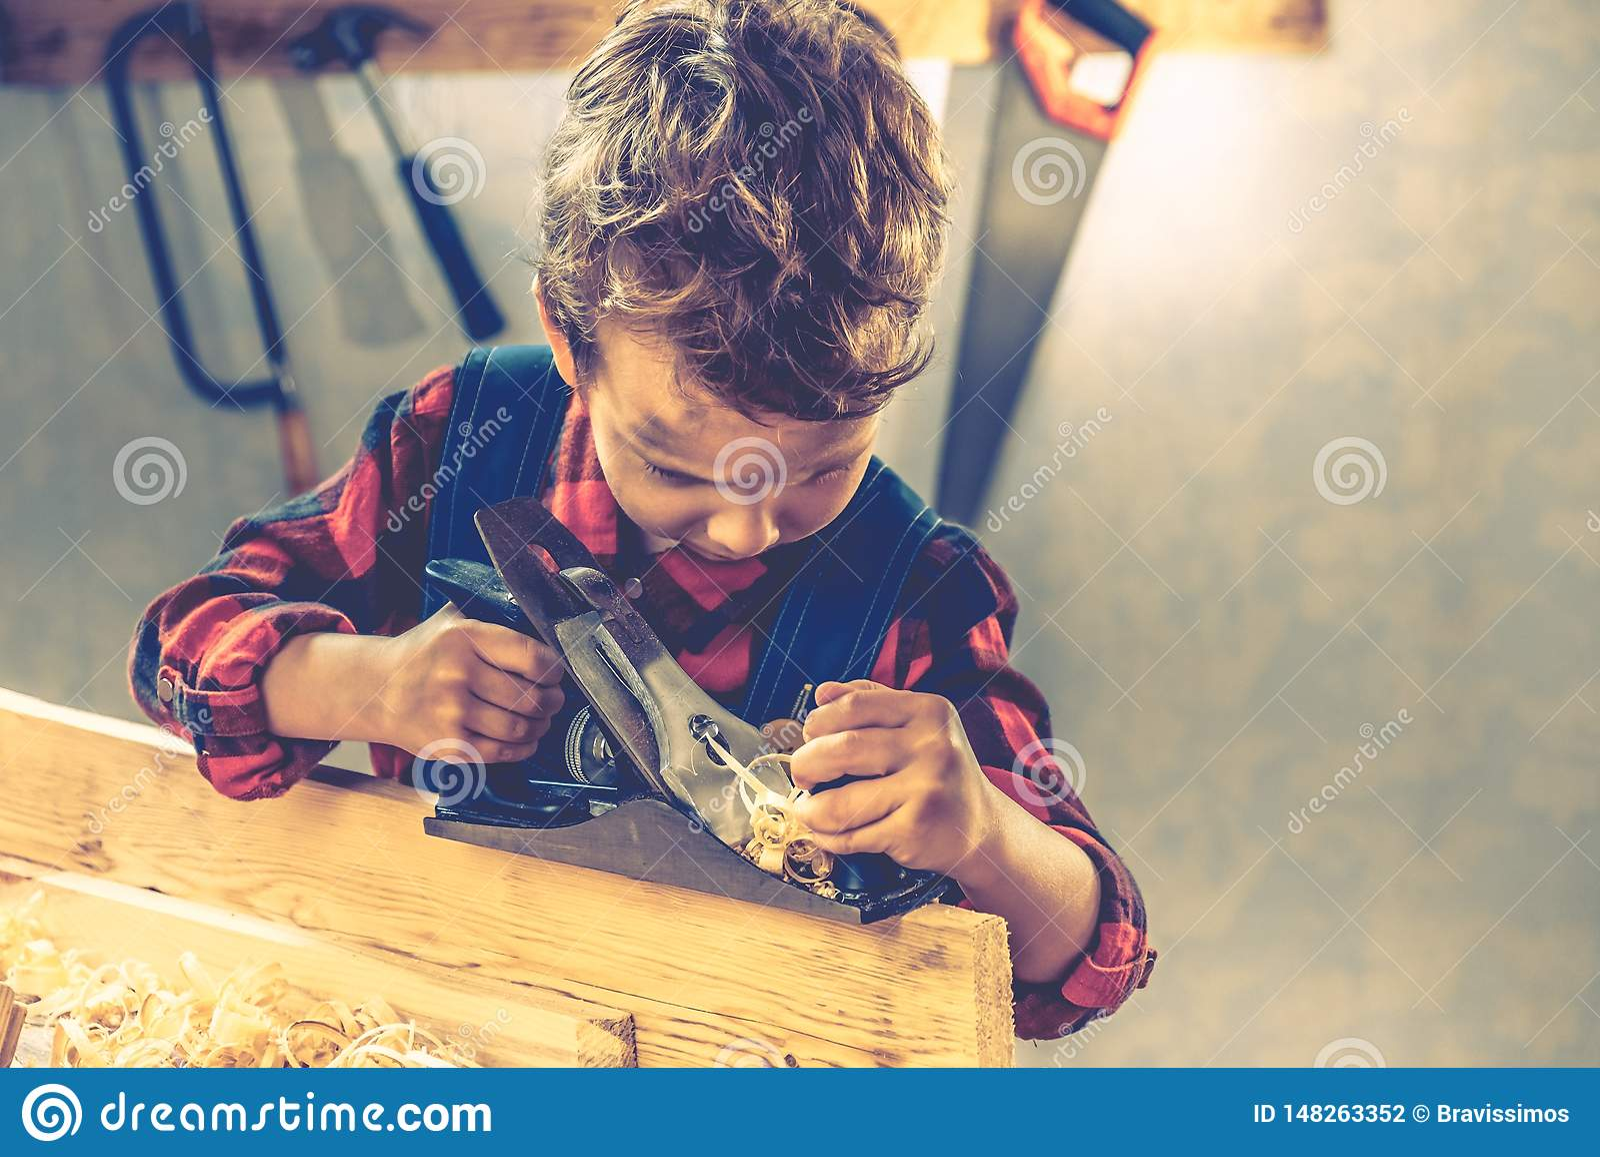 Conceito do dia de pais da criança, ferramenta do carpinteiro, casa